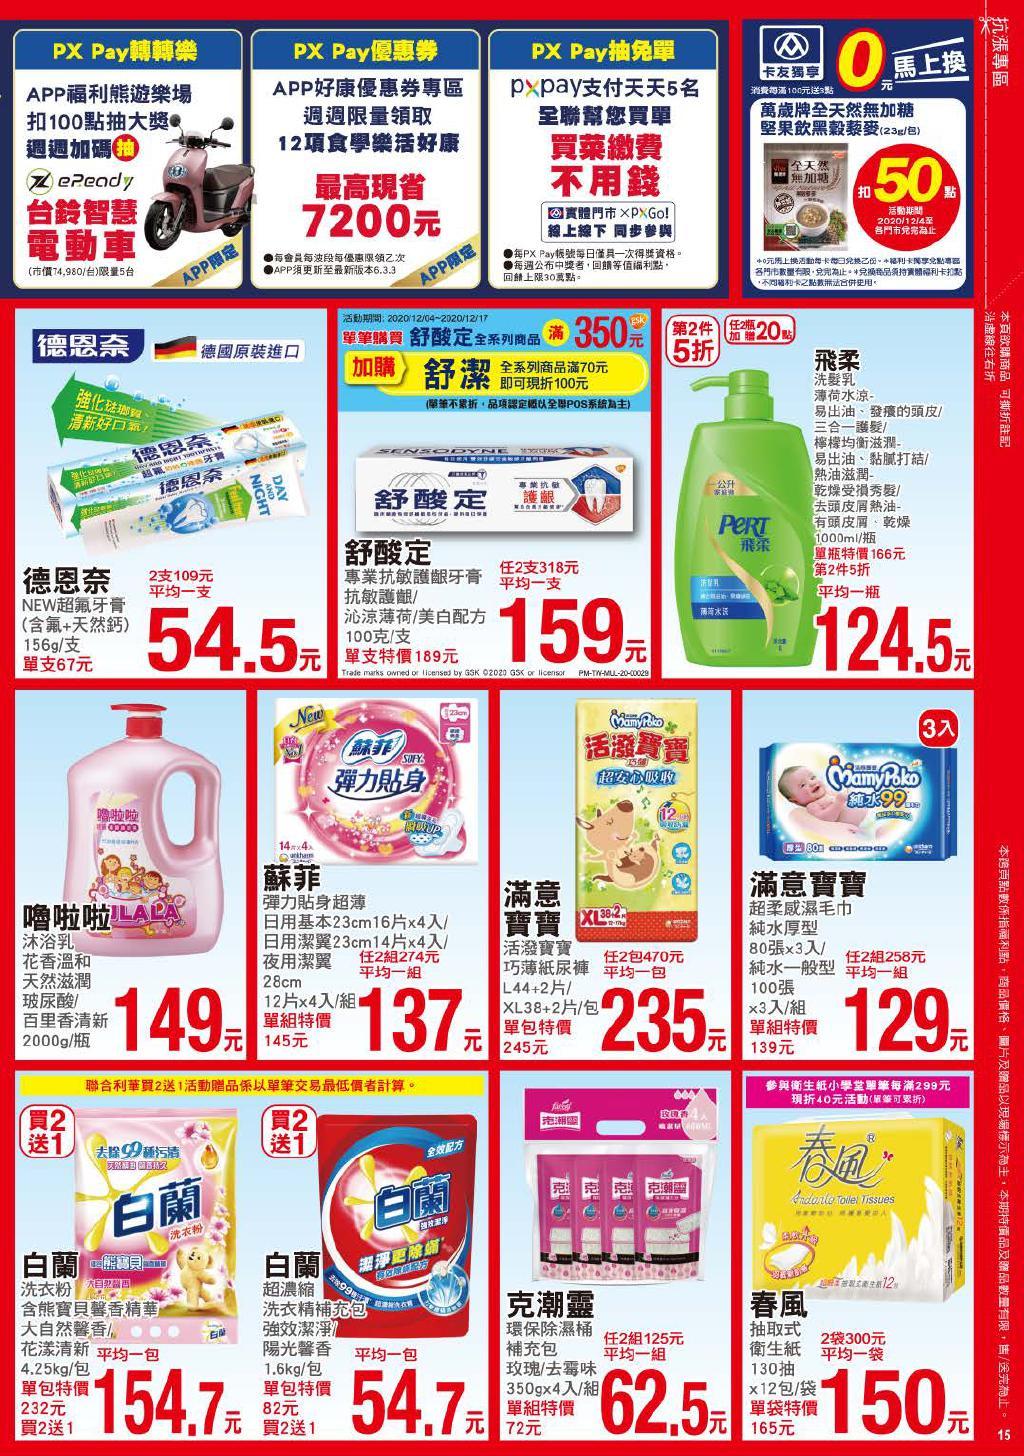 pxmart20201217_000015.jpg